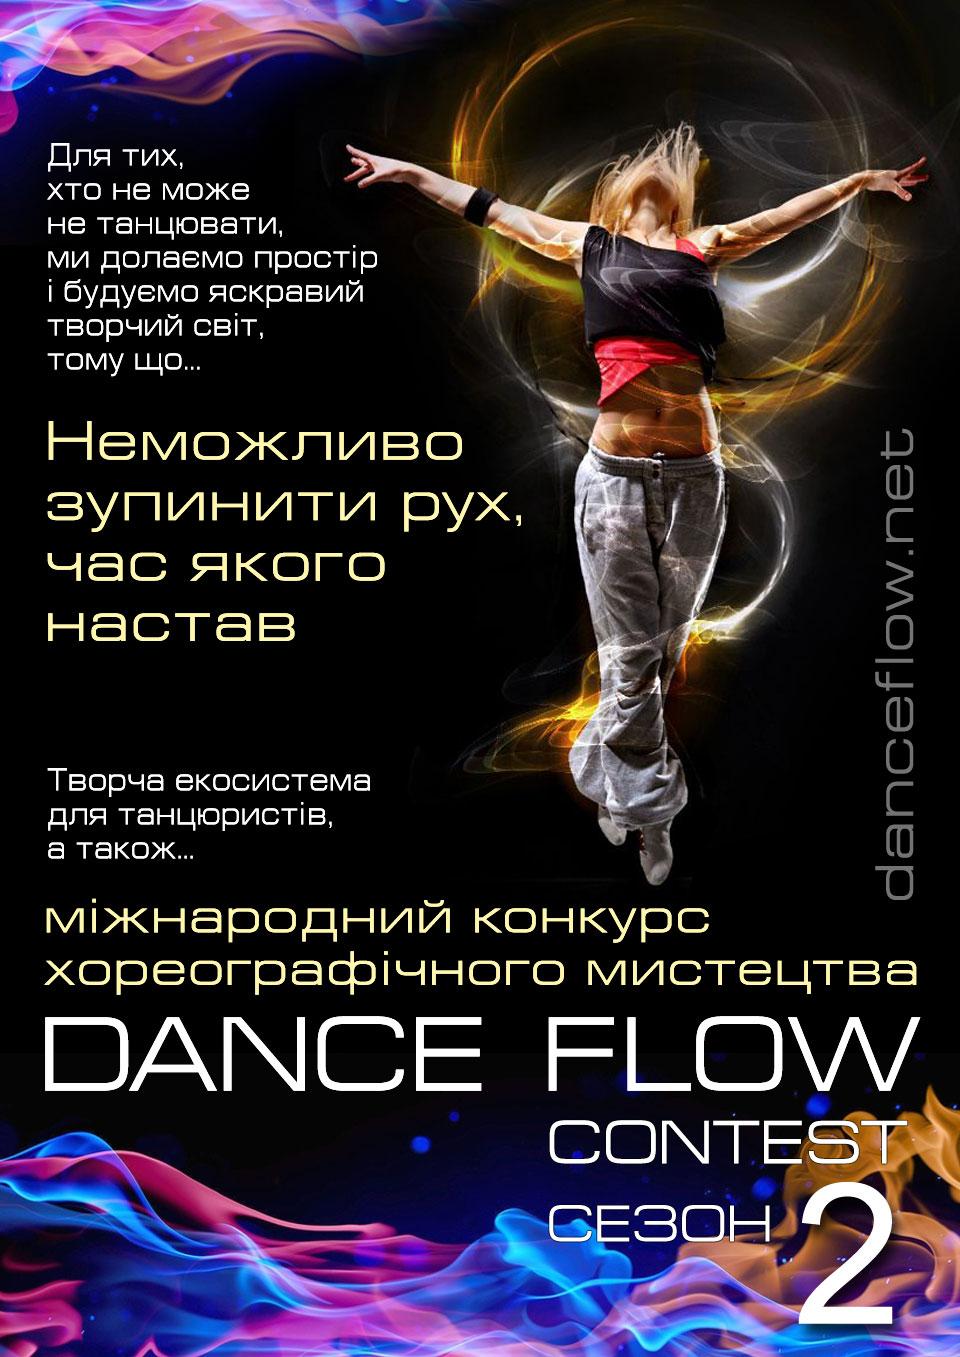 Dance Flow Contest